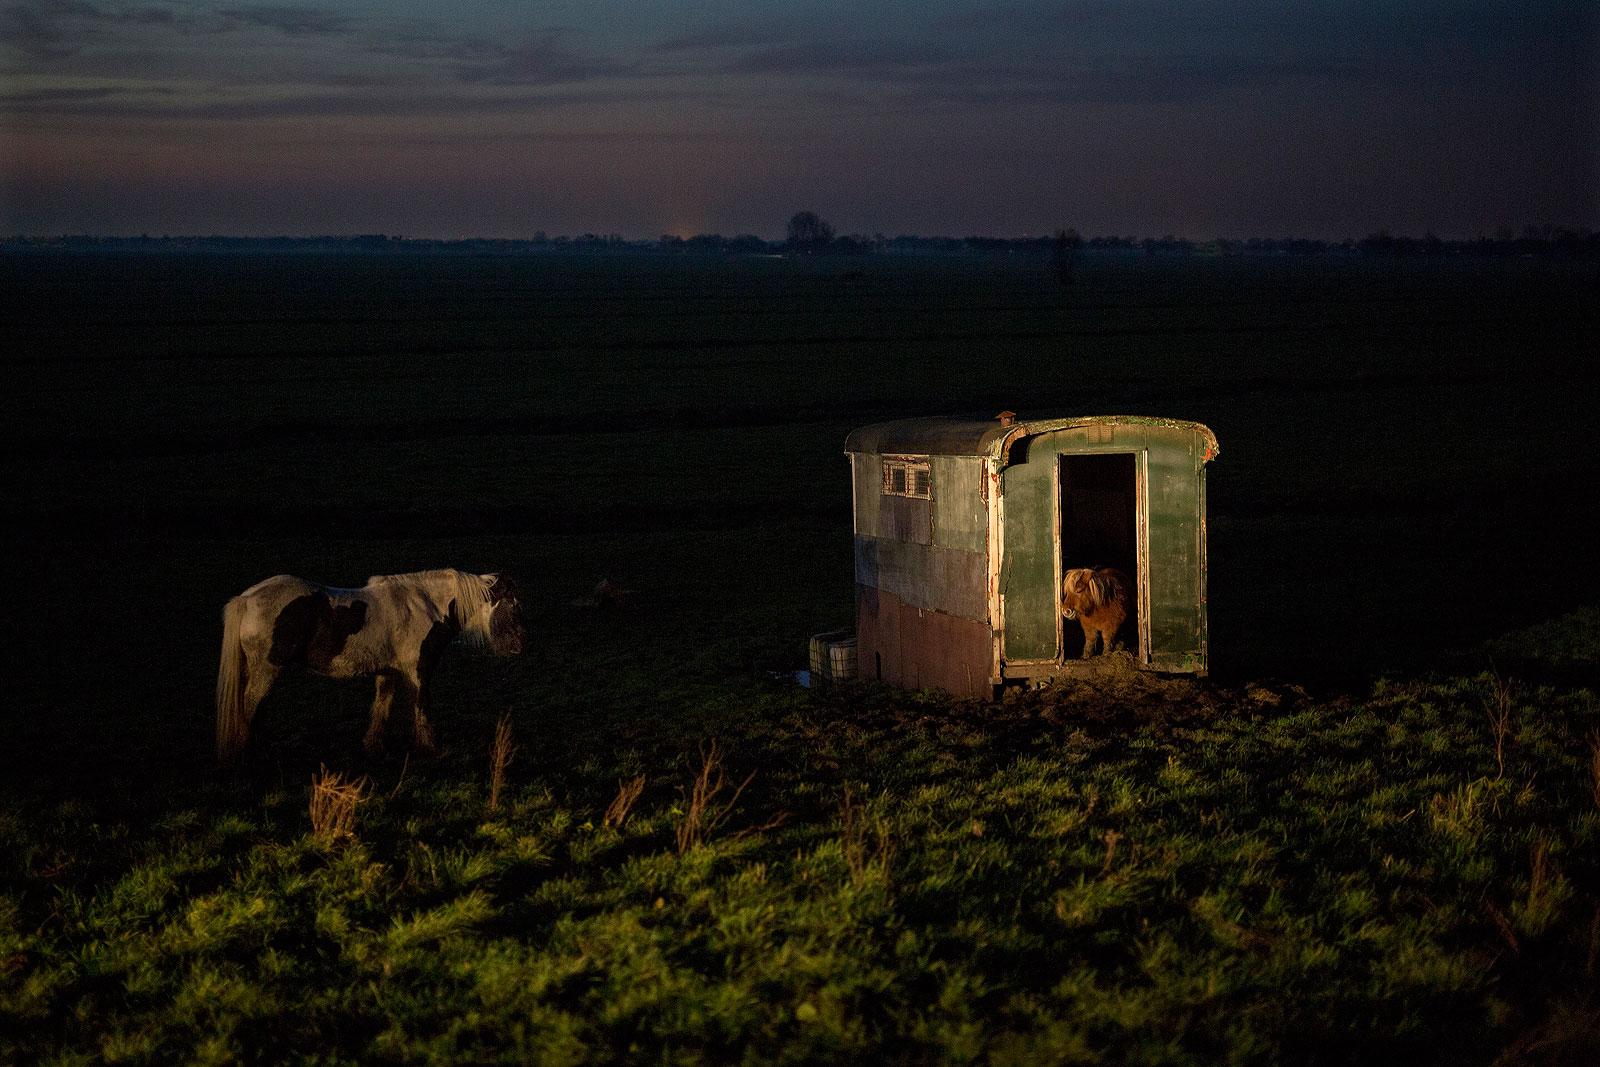 foto: © Bert Verhoeff - uit de serie Wonderpolder